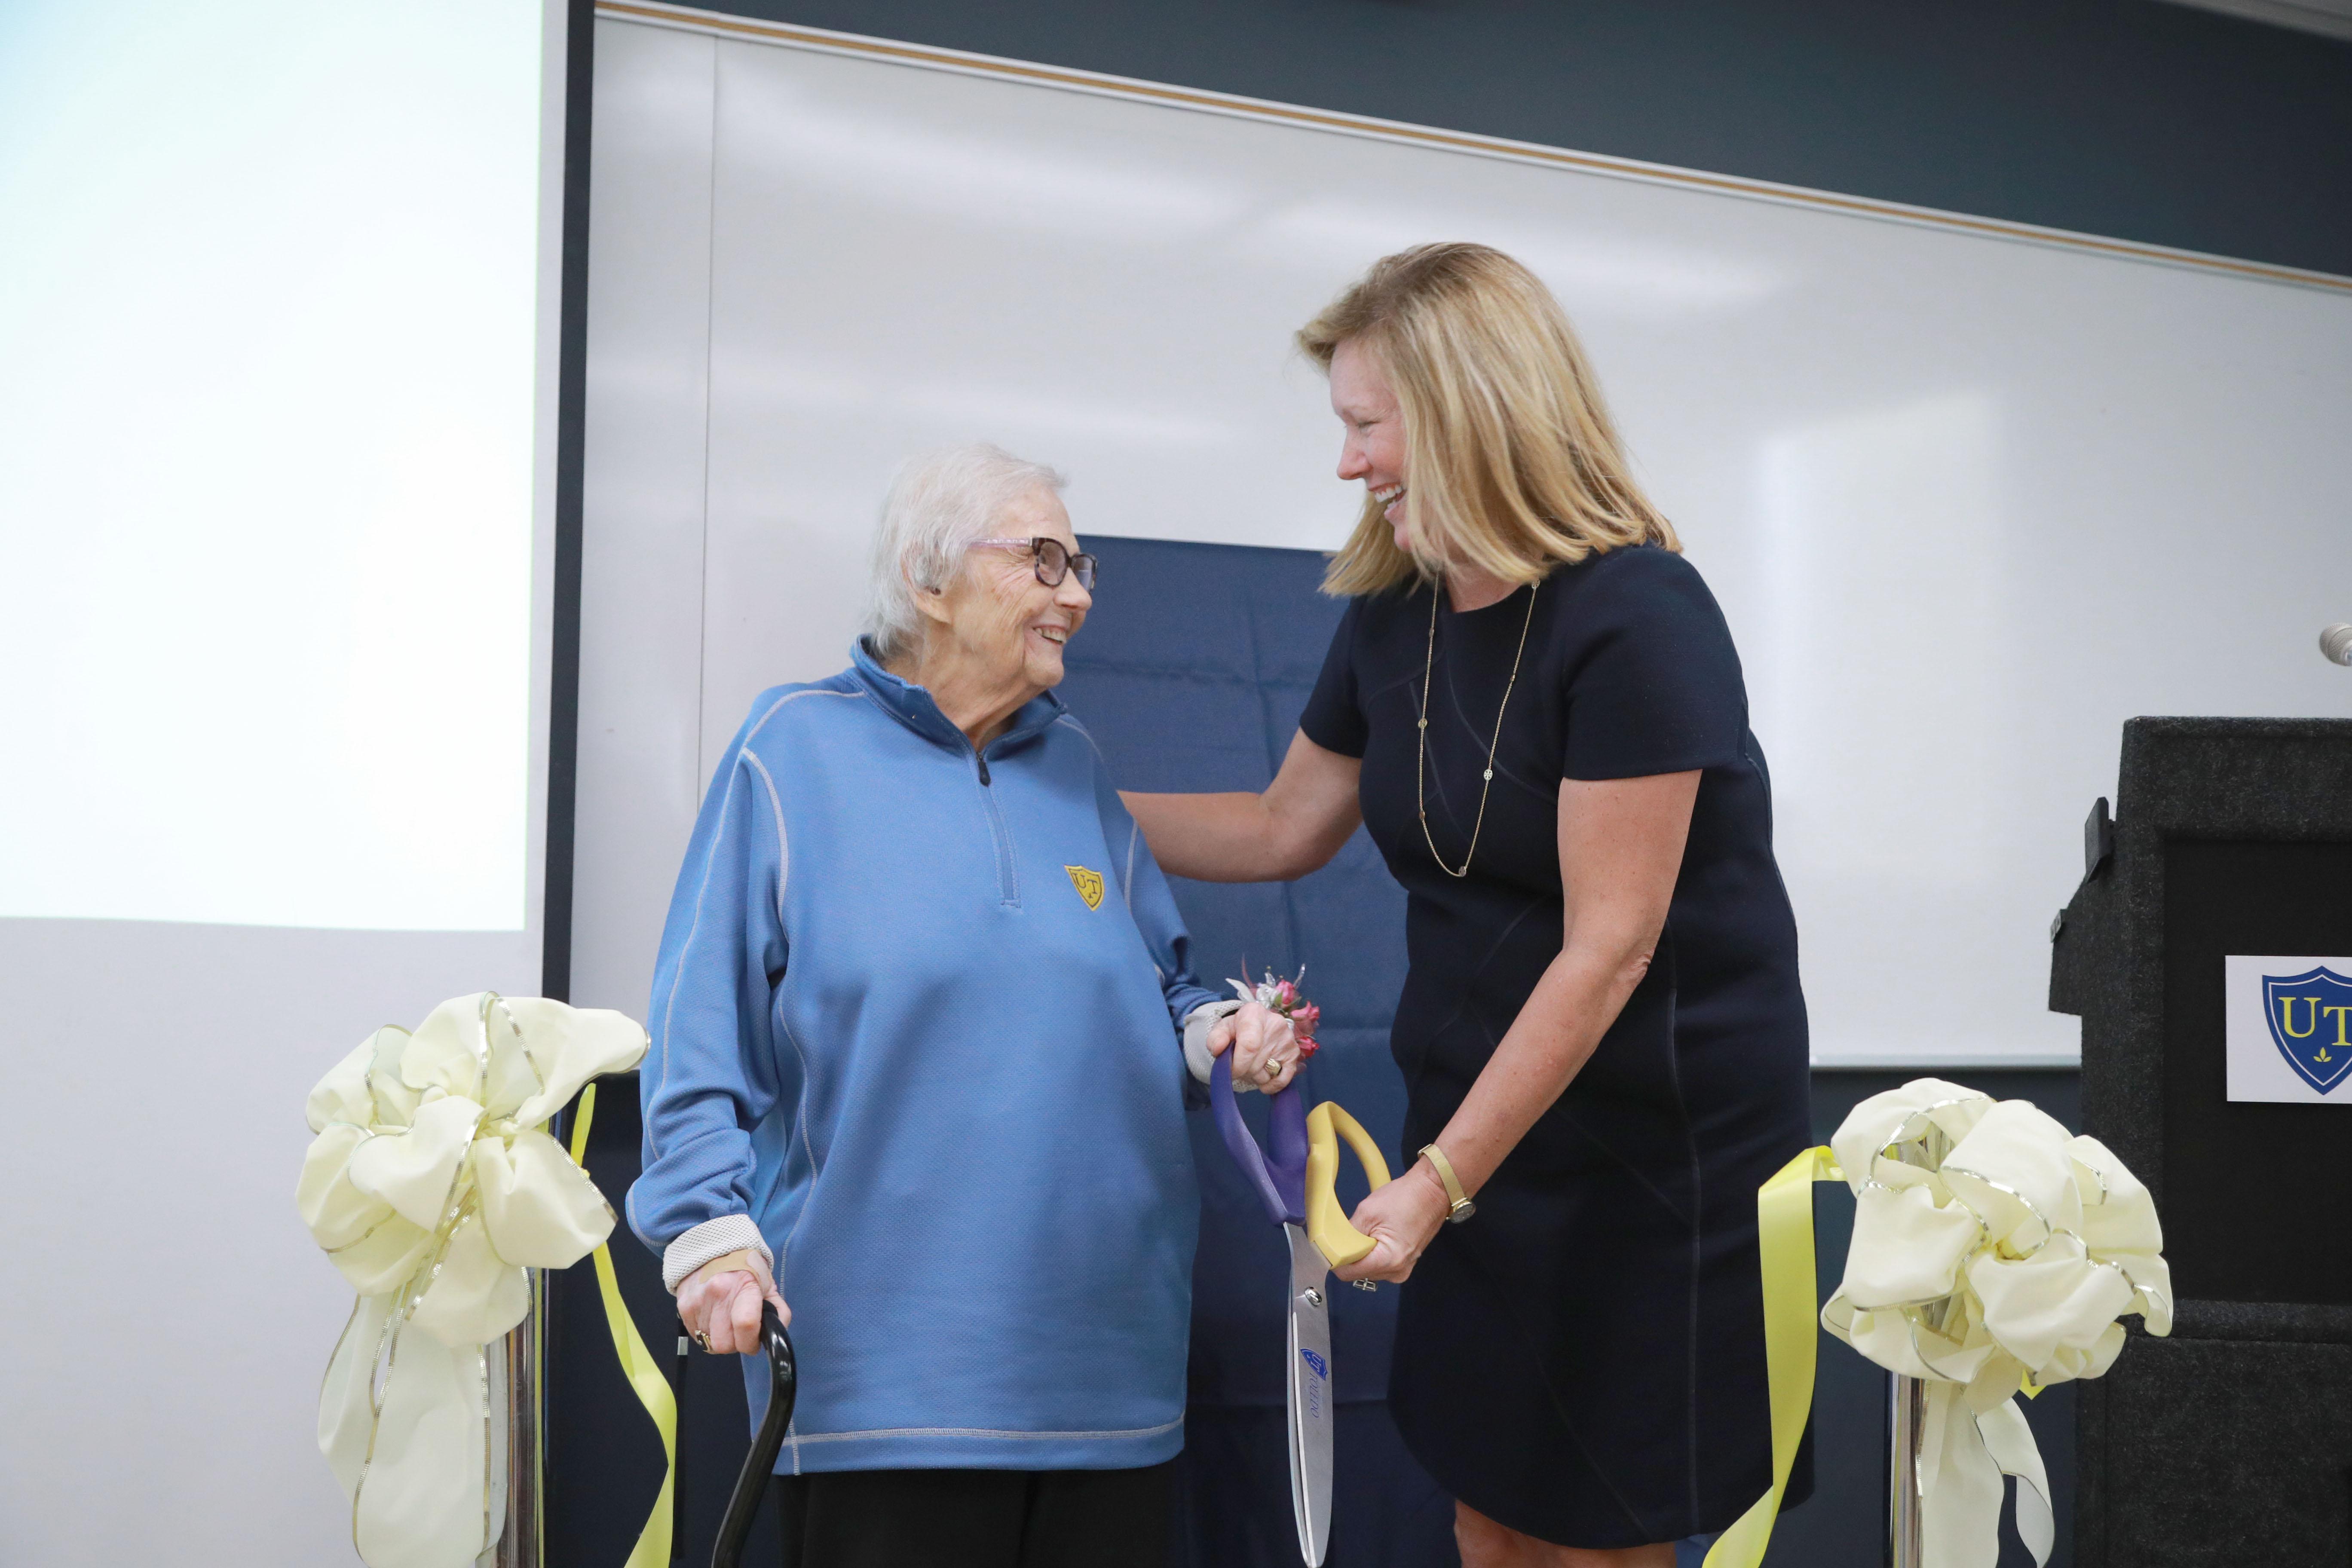 Dr. Nina McClelland and Dr. Sharon Gaber